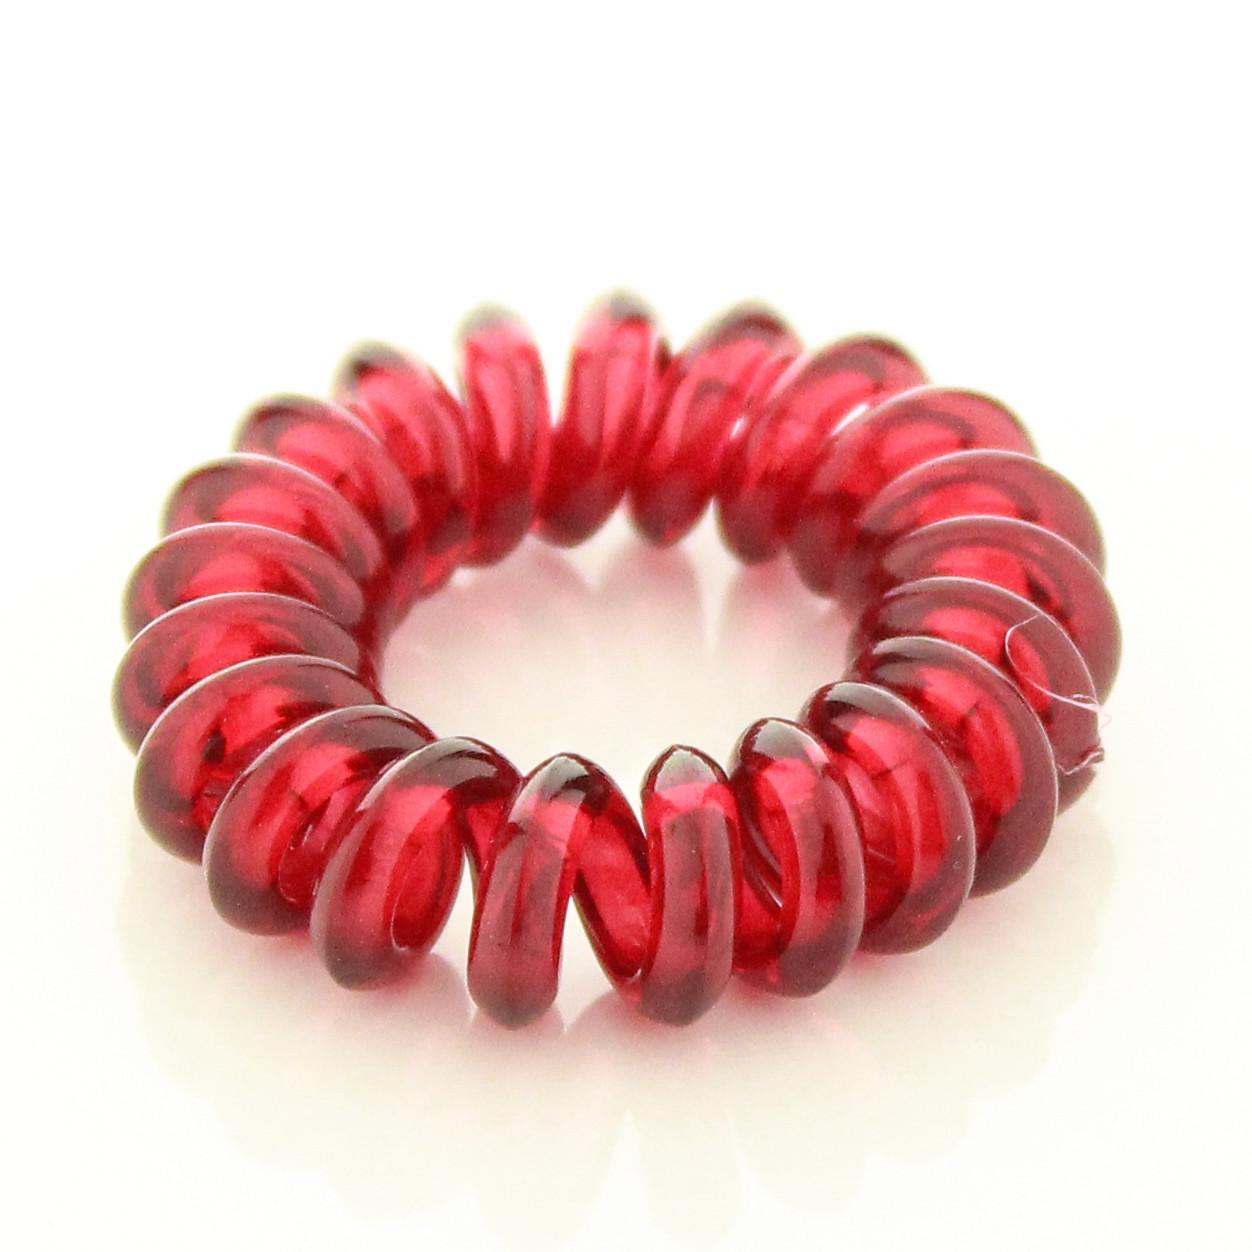 Резинка для волос STARLOOK спираль силиконовая 3.5 см красная